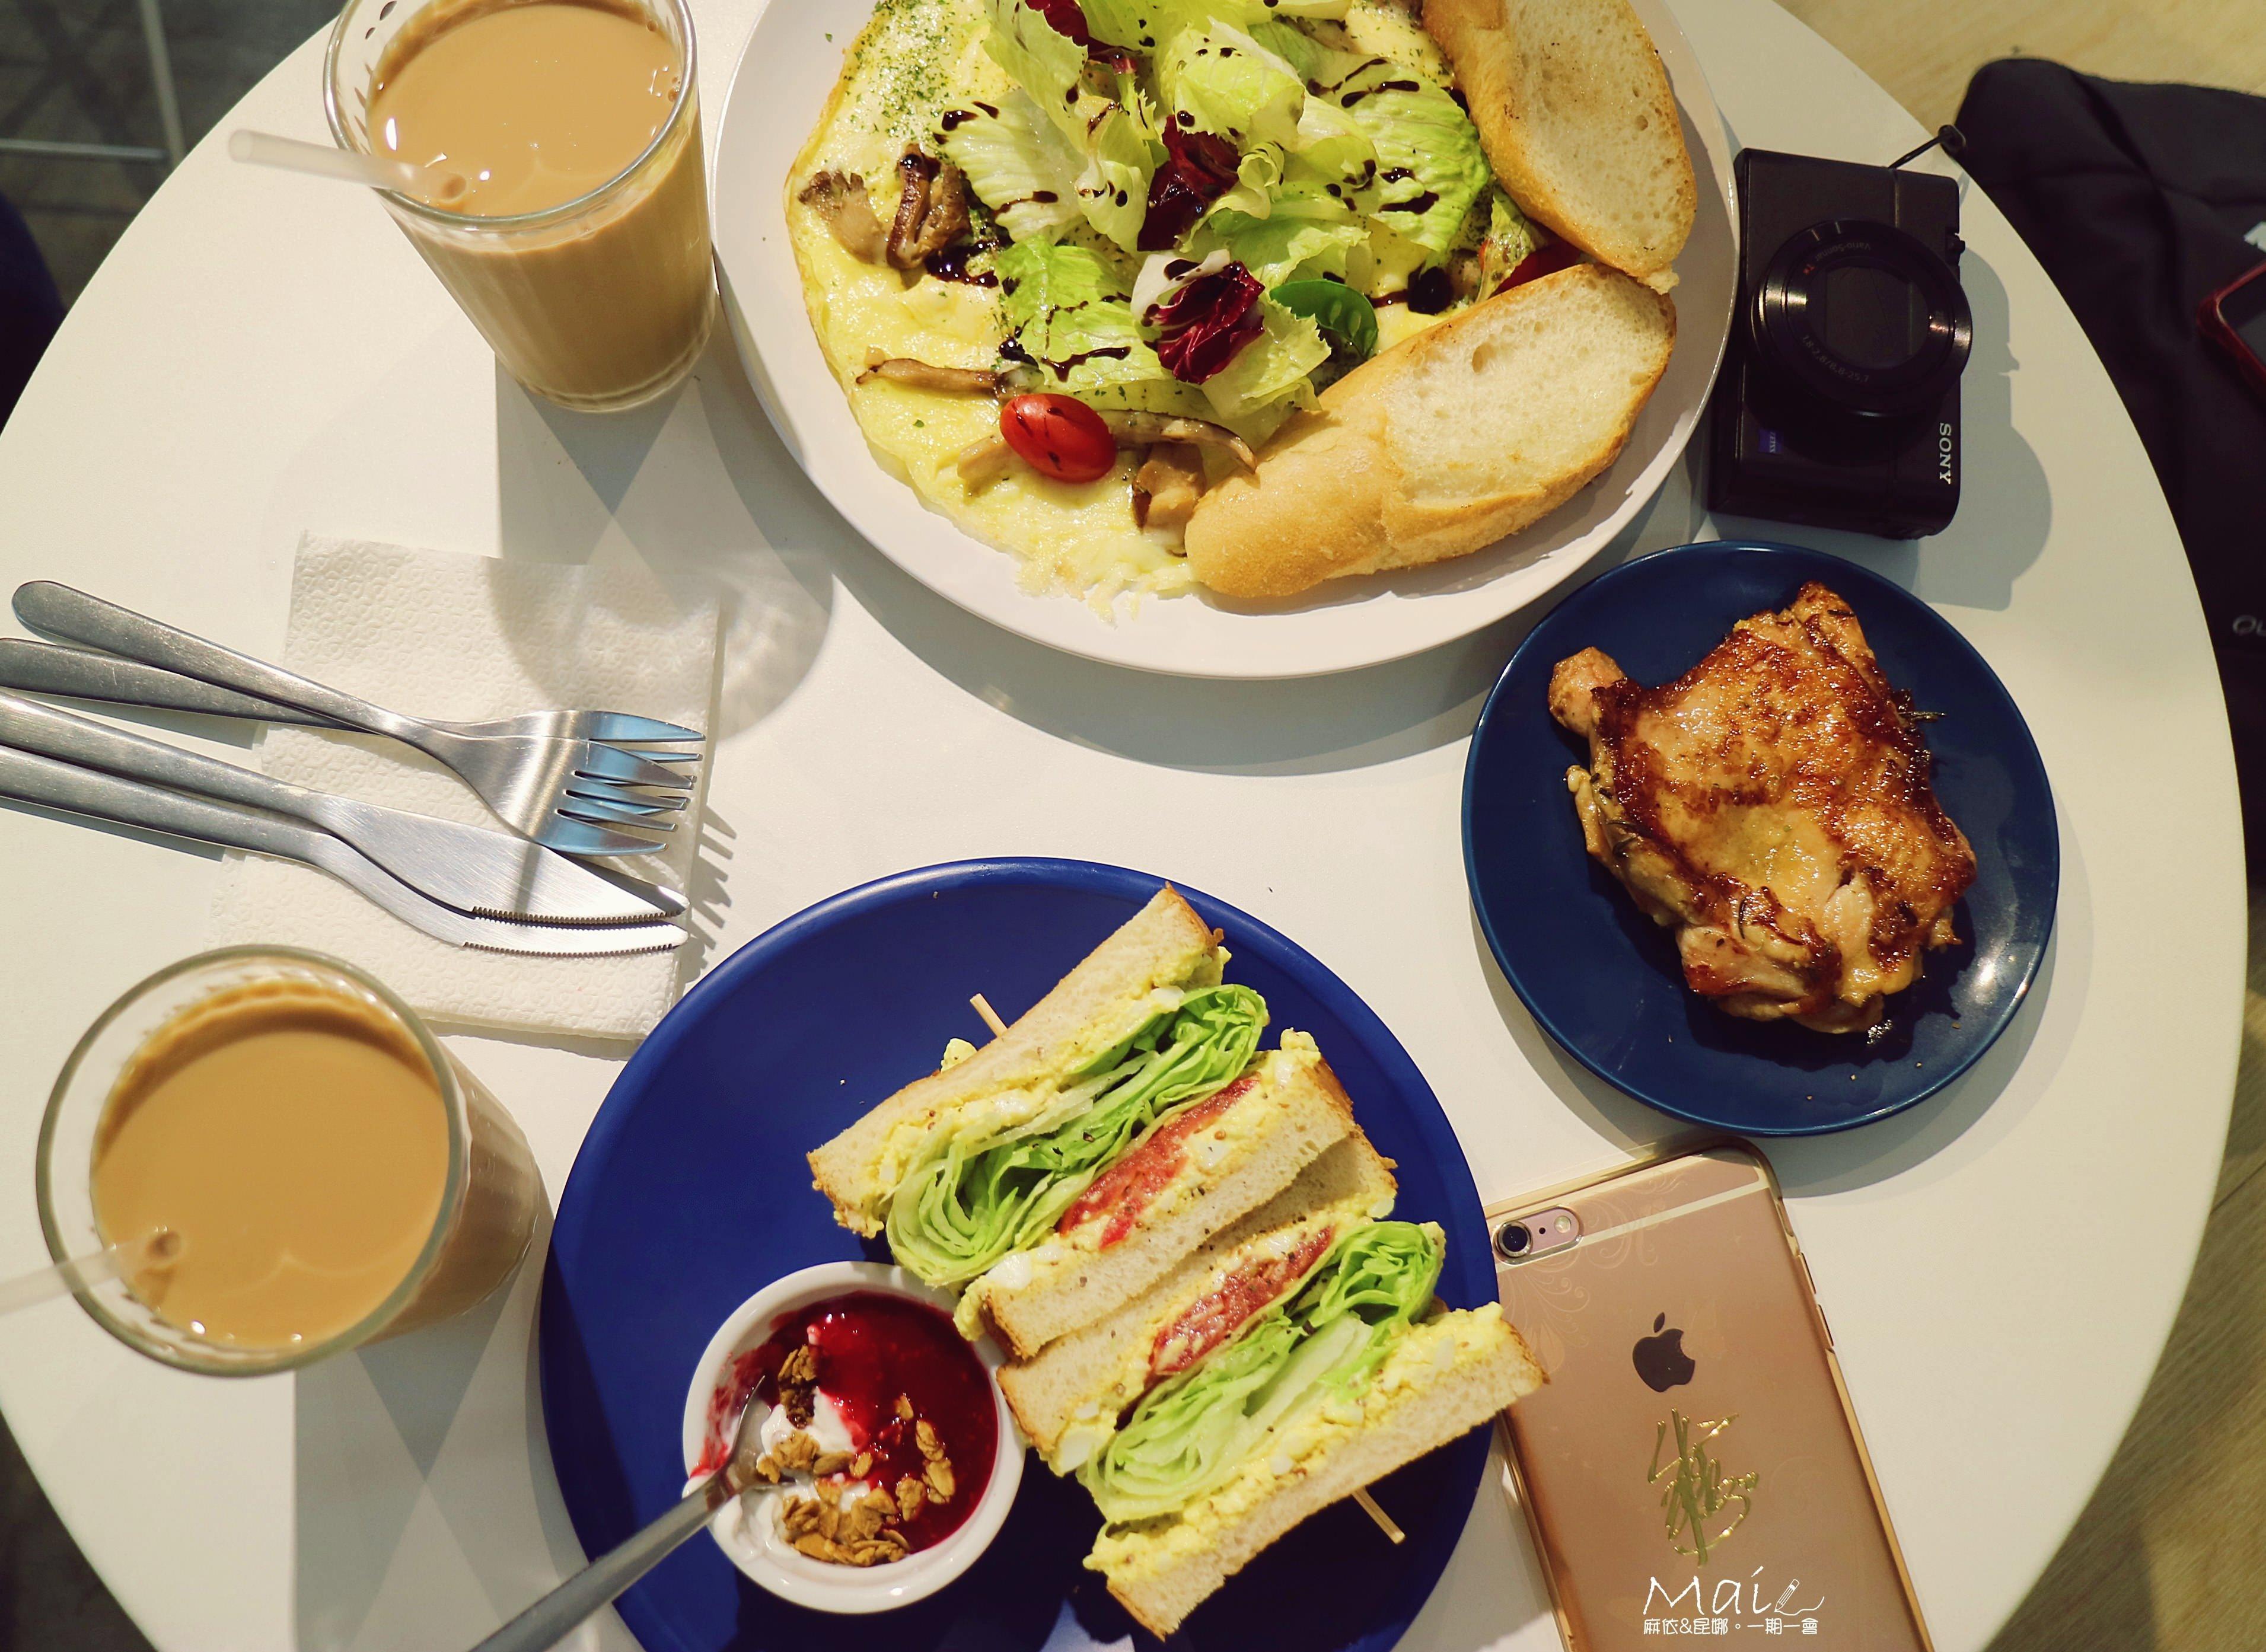 台北食記 ▌大安站:餵我早餐 美式早午餐/IG打卡拍照名店/藍白色調地中海風《麻依專欄》